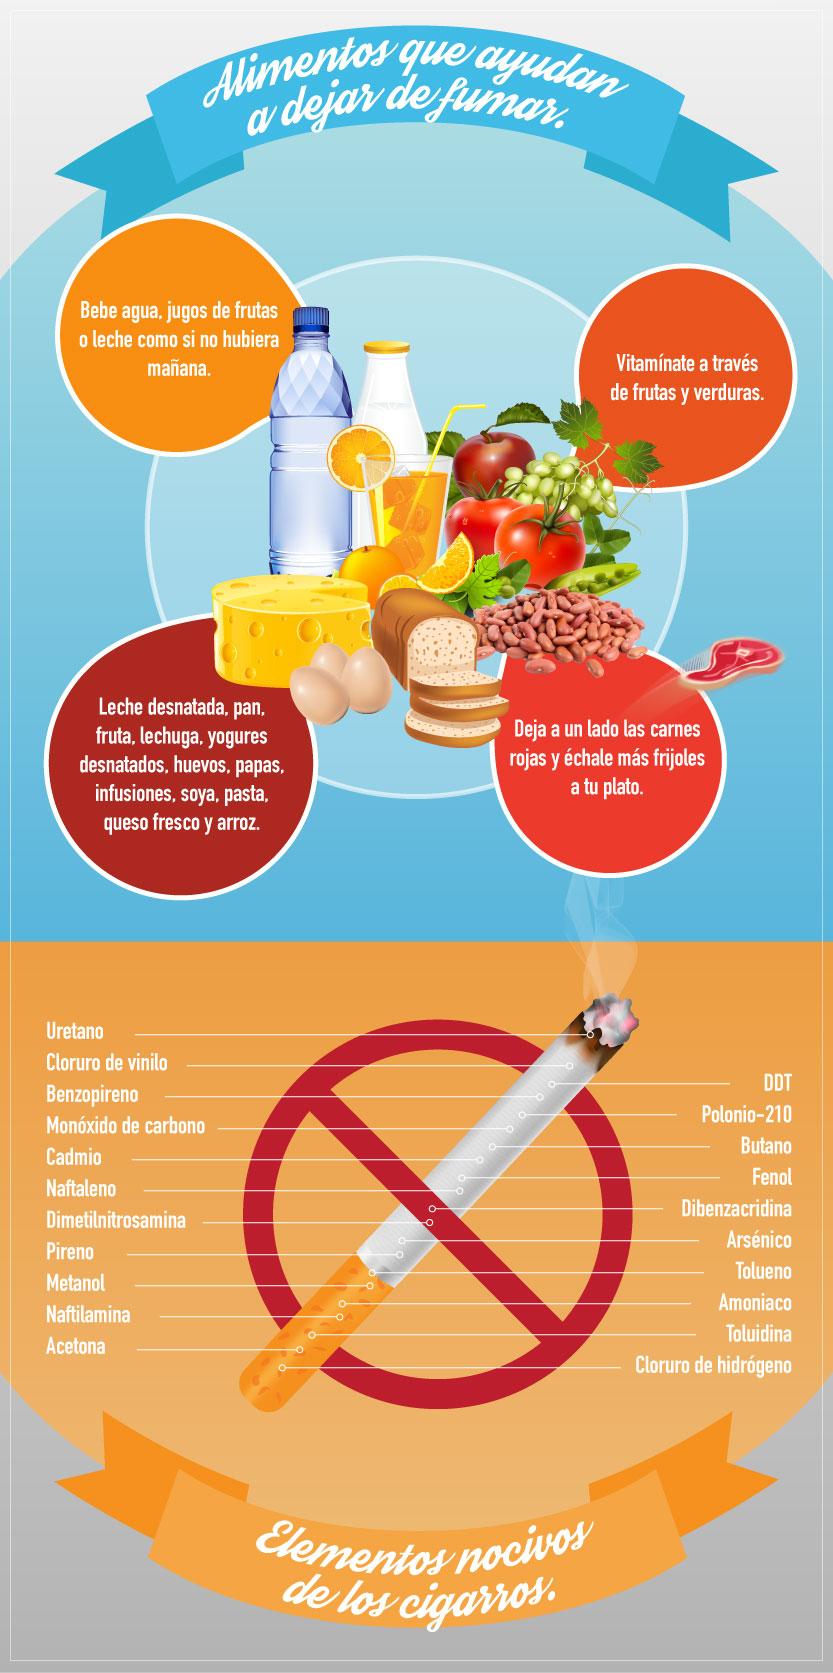 alimentos ayudan dejar fumar